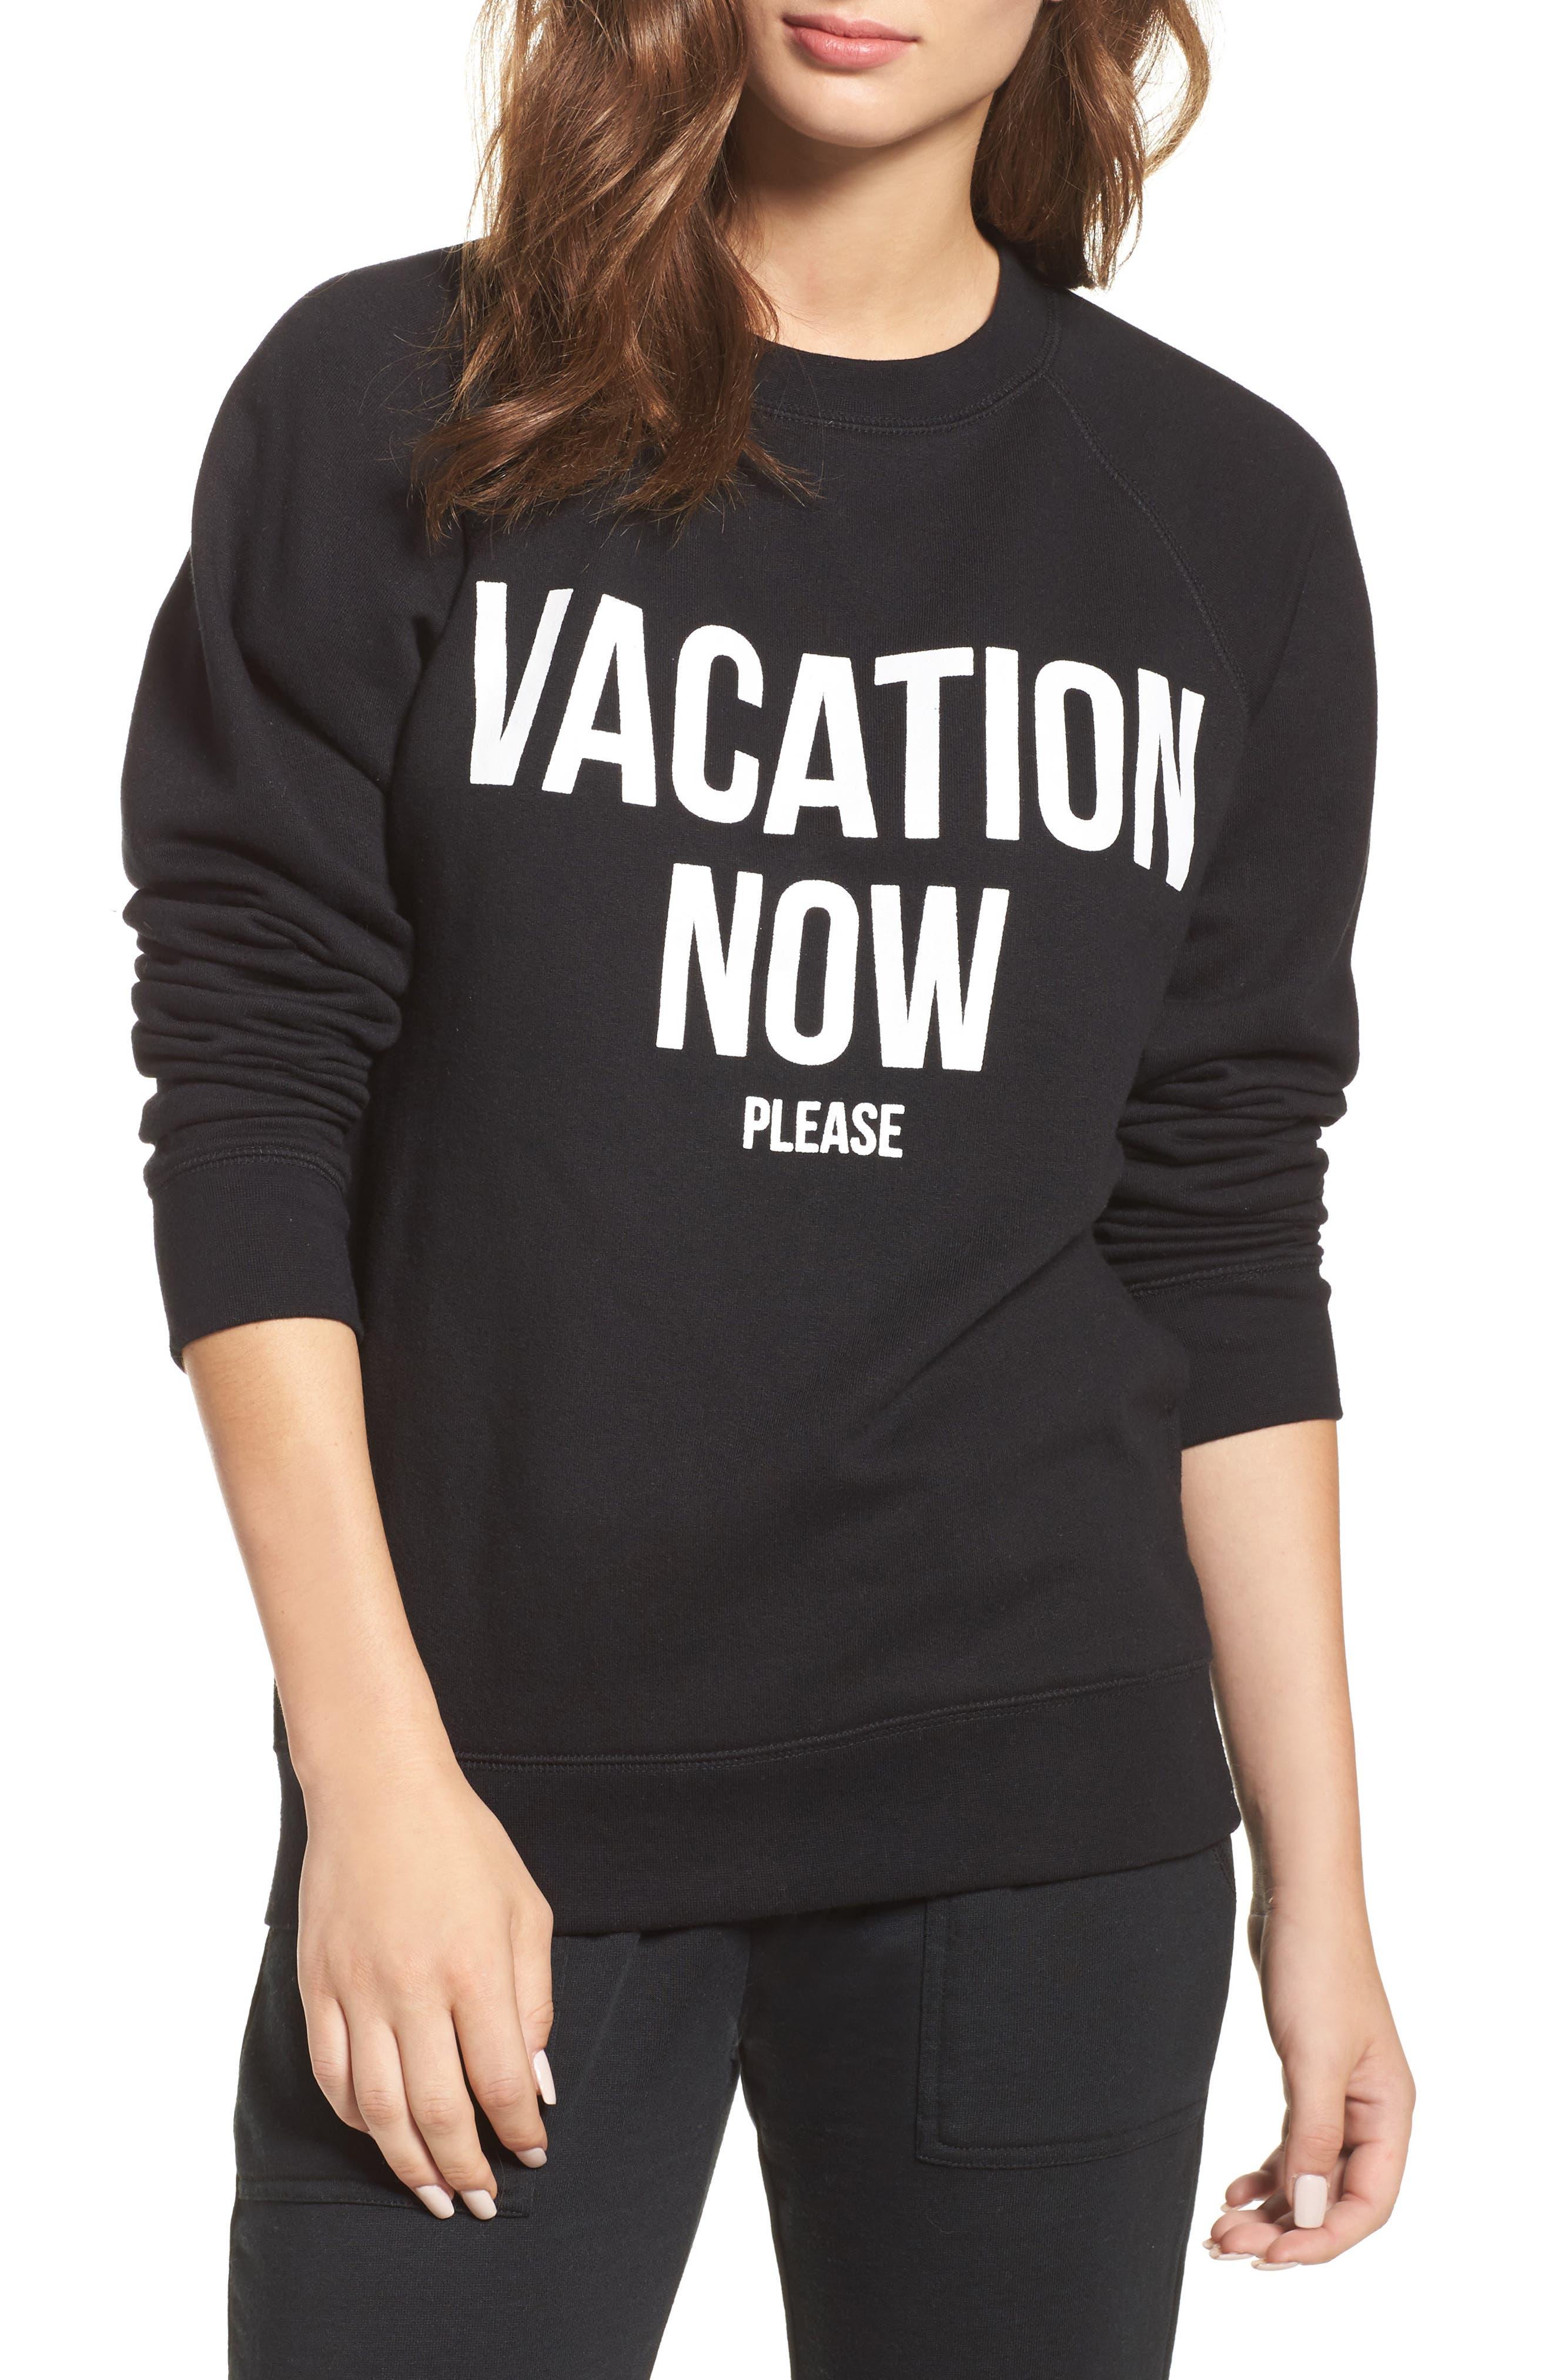 Vacation Now Sweatshirt,                             Main thumbnail 1, color,                             001